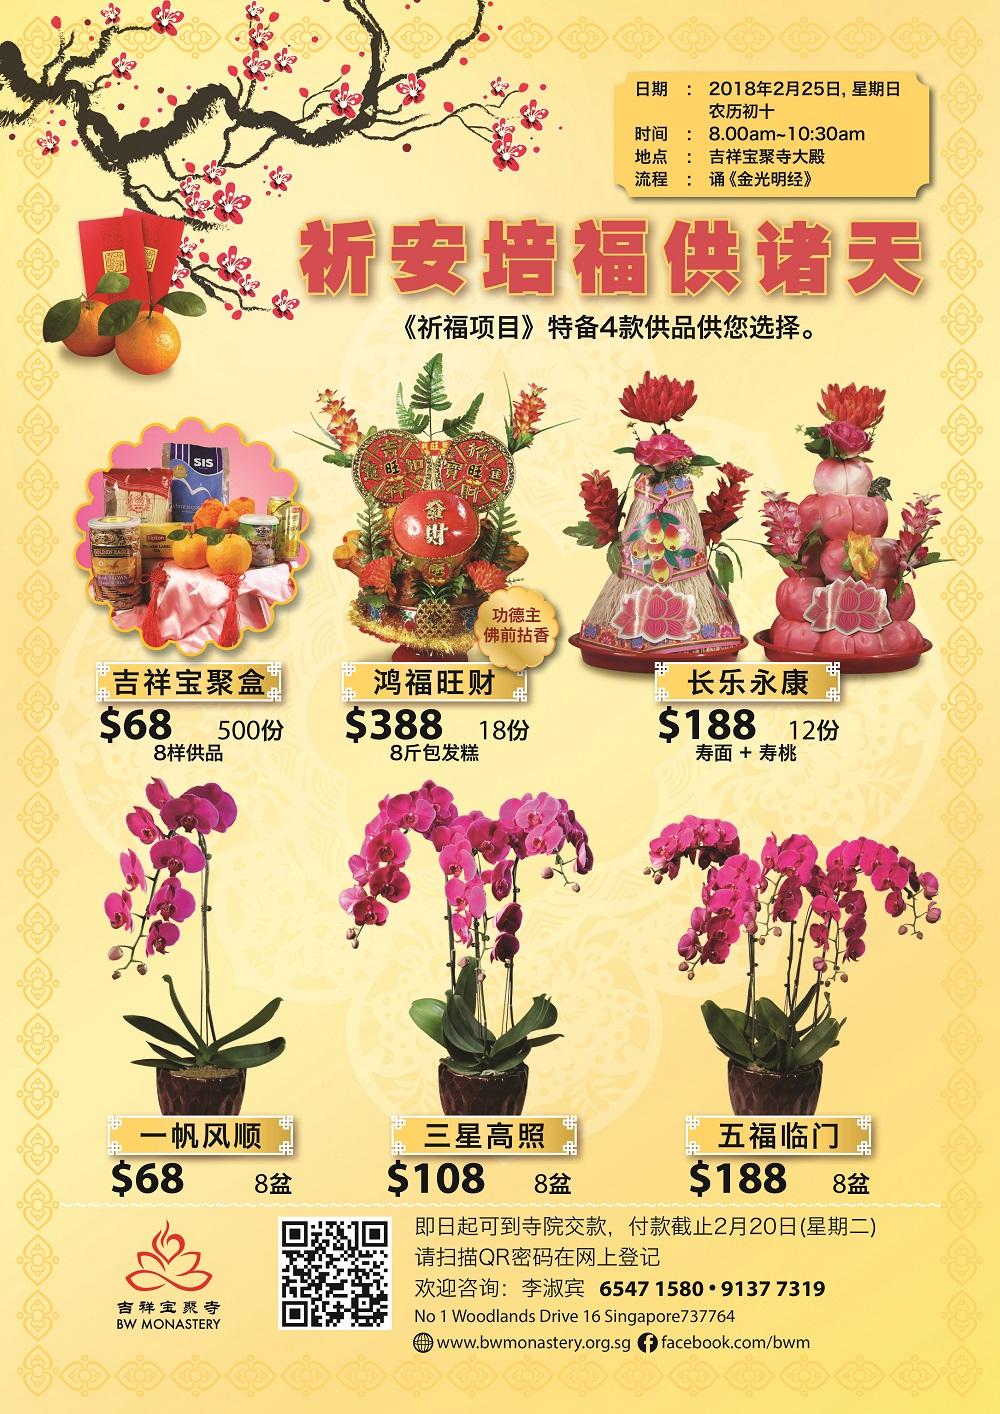 BWM_CNY 供诸天Poster3.jpg